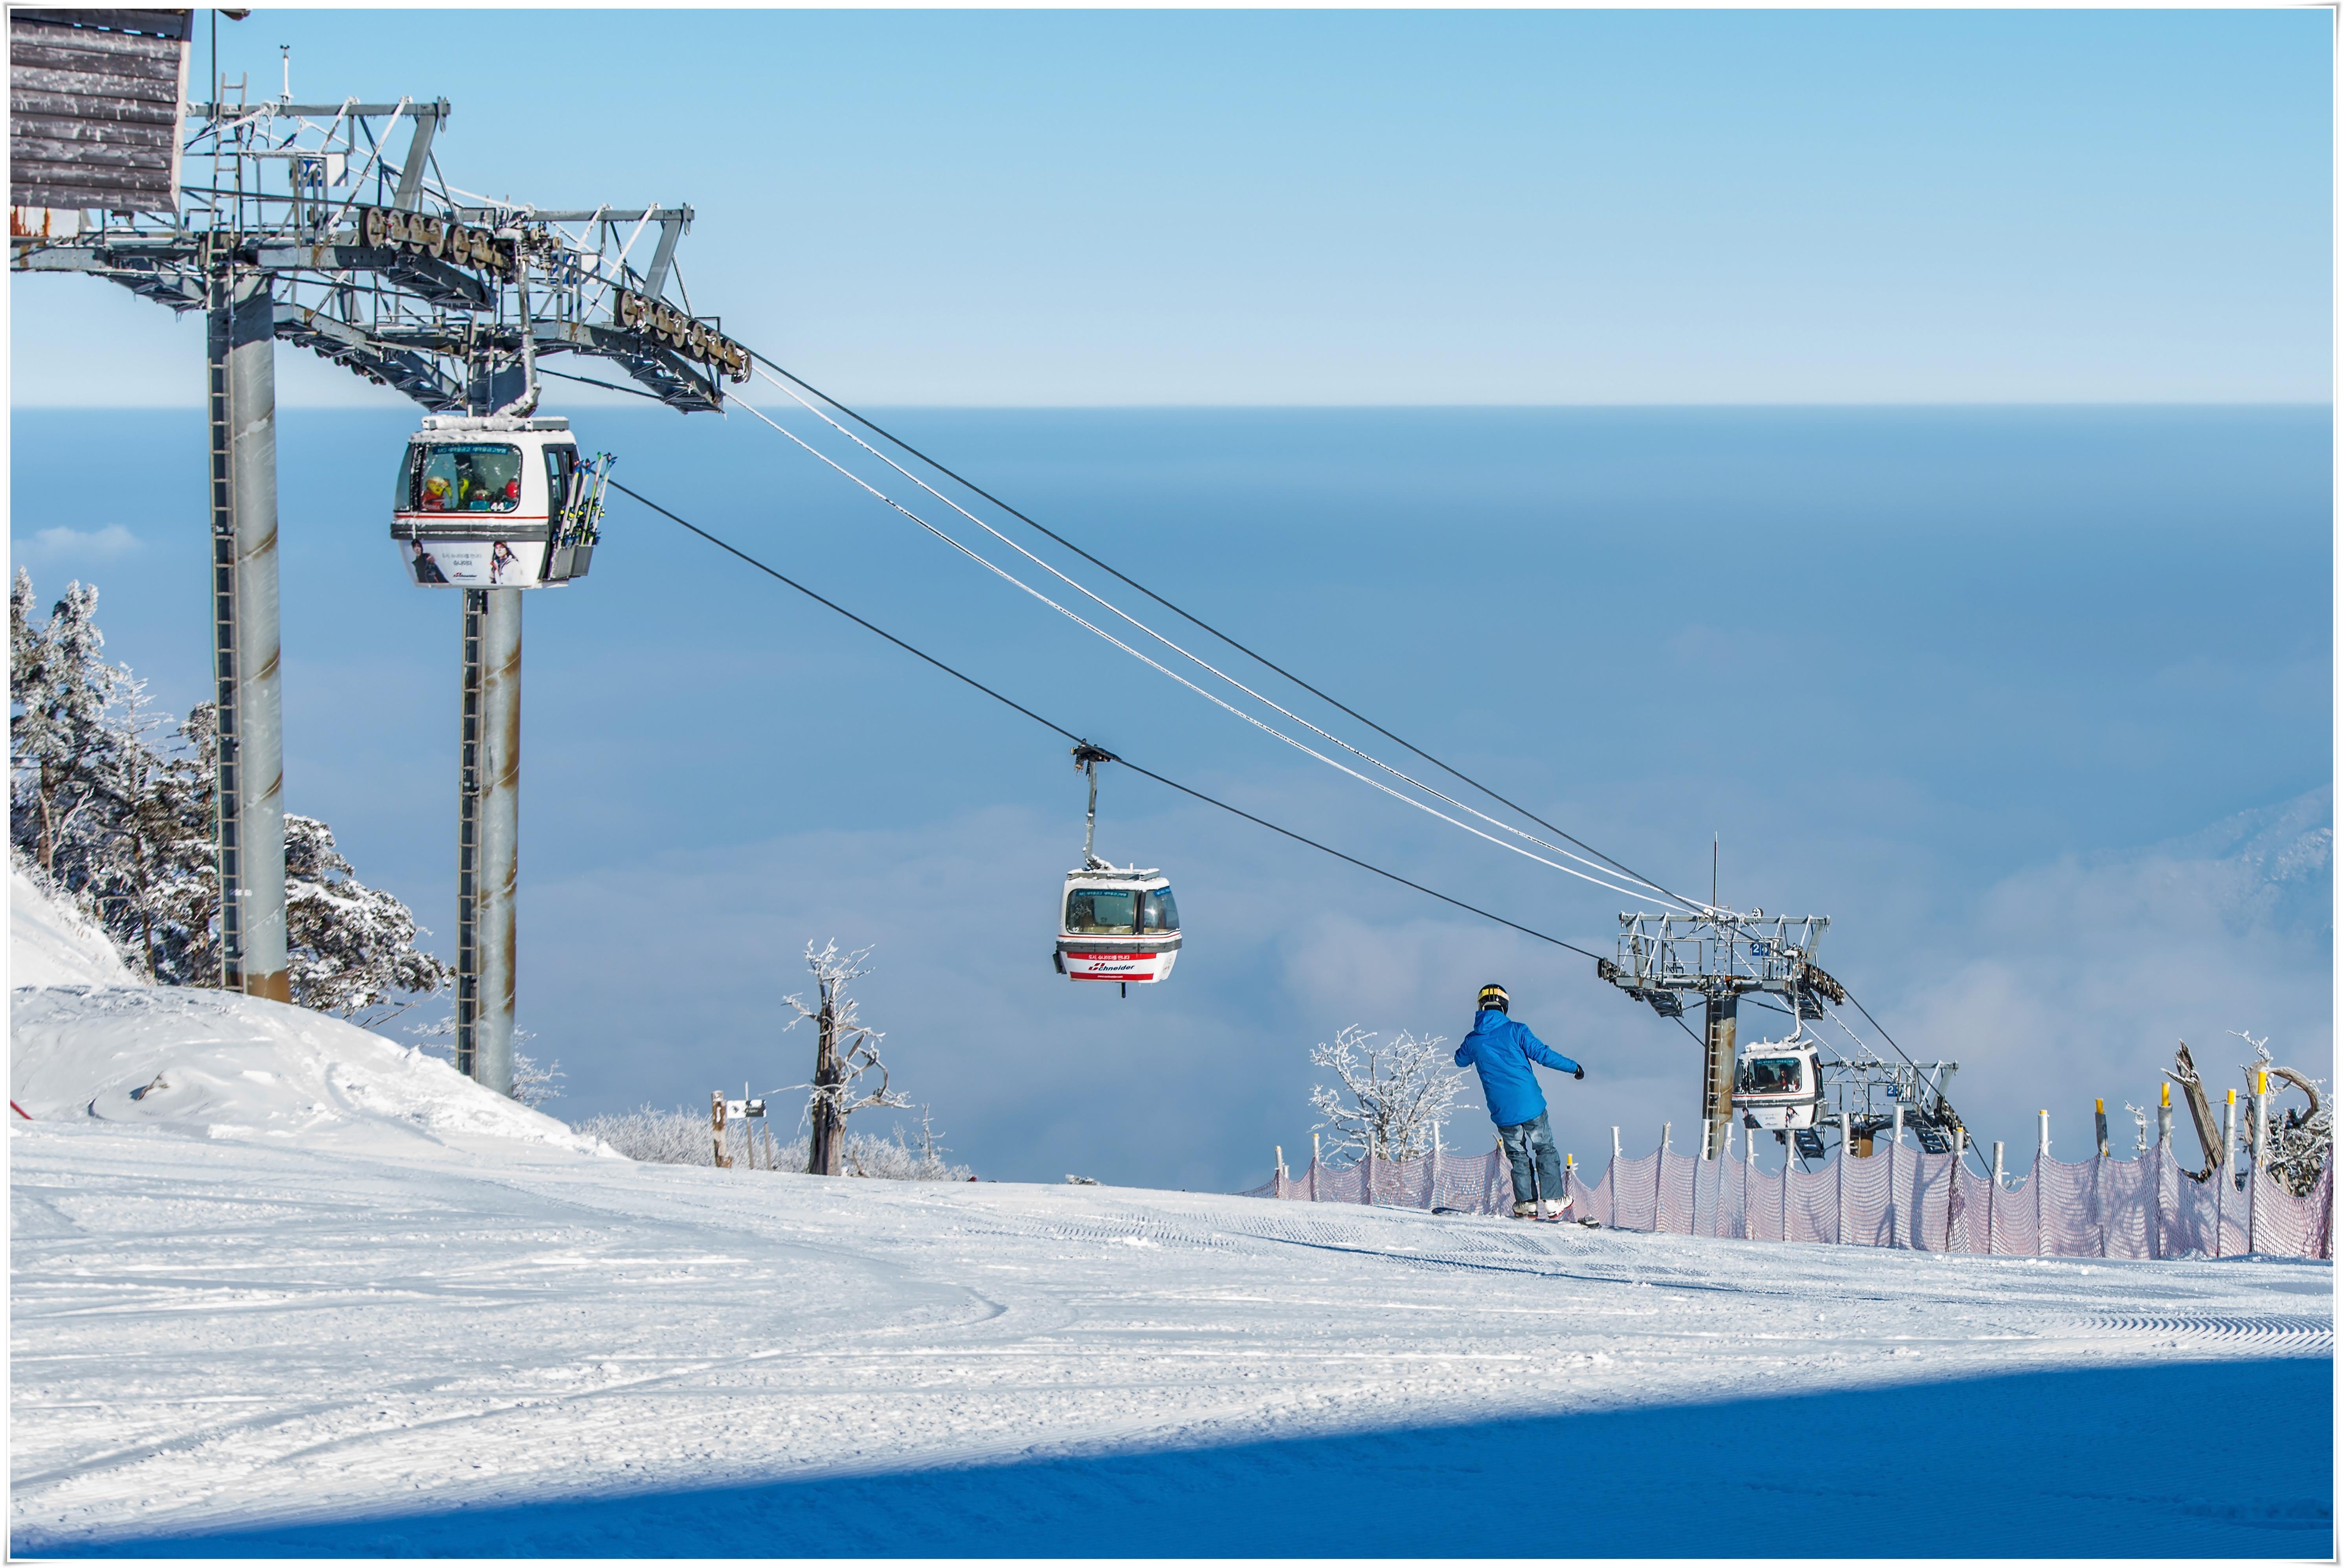 ปีใหม่-ทัวร์เกาหลี-BUSAN-PLUS+JOY-WINTER-4D2N-(DEC18-FEB19)